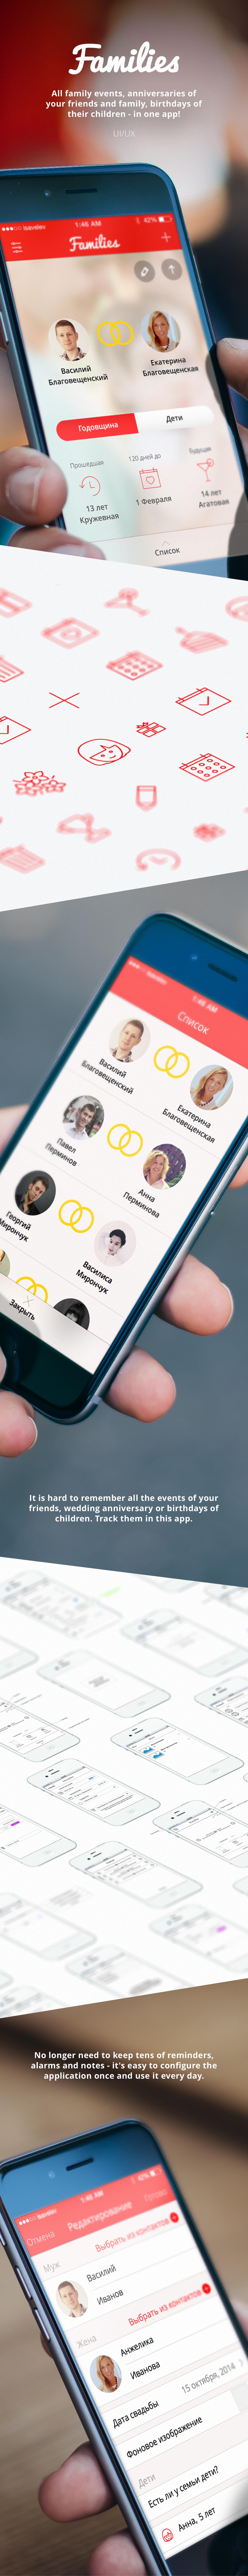 ios app design mobile family families UI ux